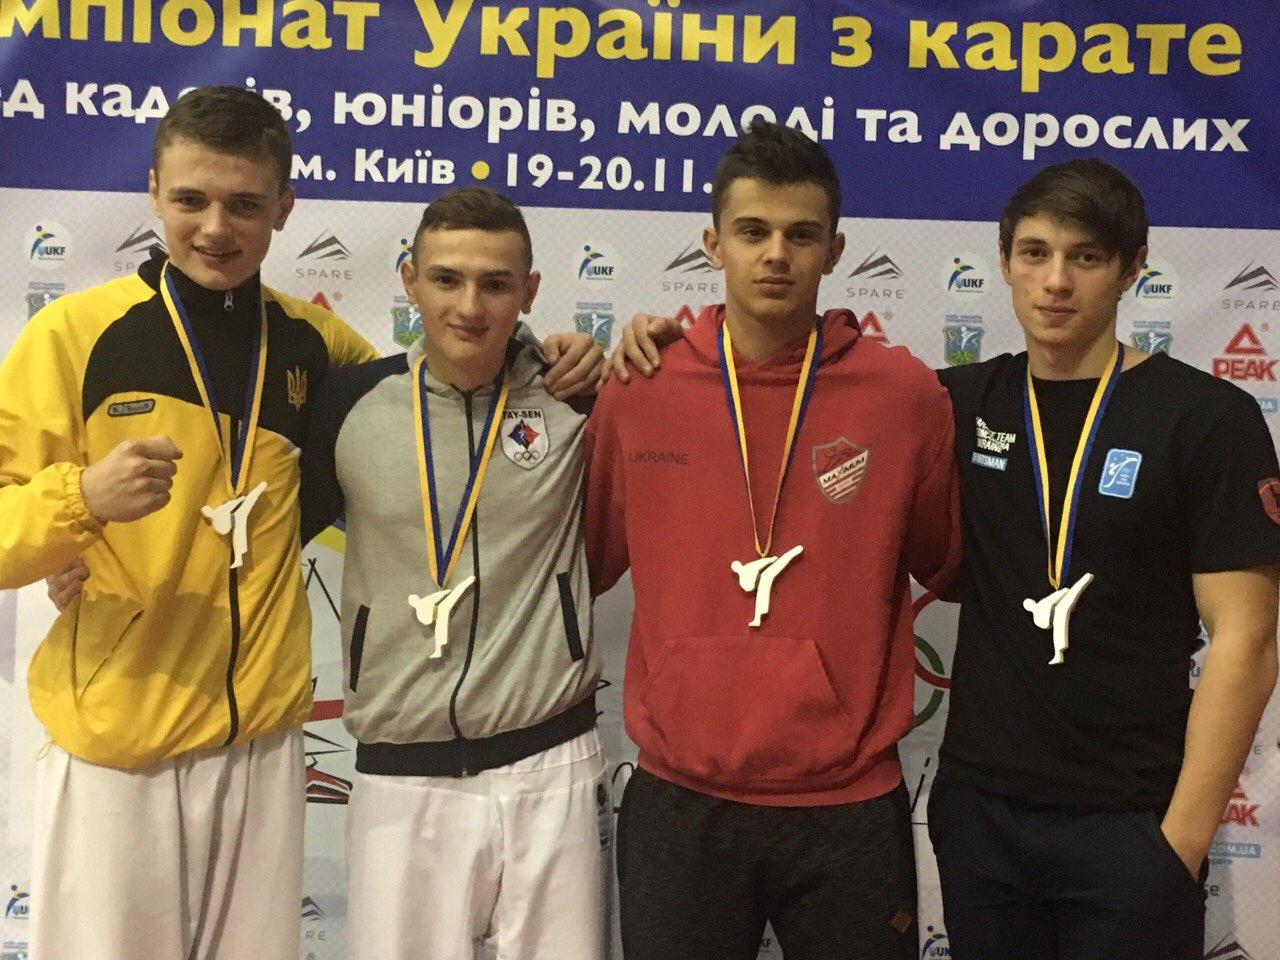 Чернівчани вибороли 5 золотих медалей на Чемпіонаті України з карате (ФОТО, ВІДЕО)